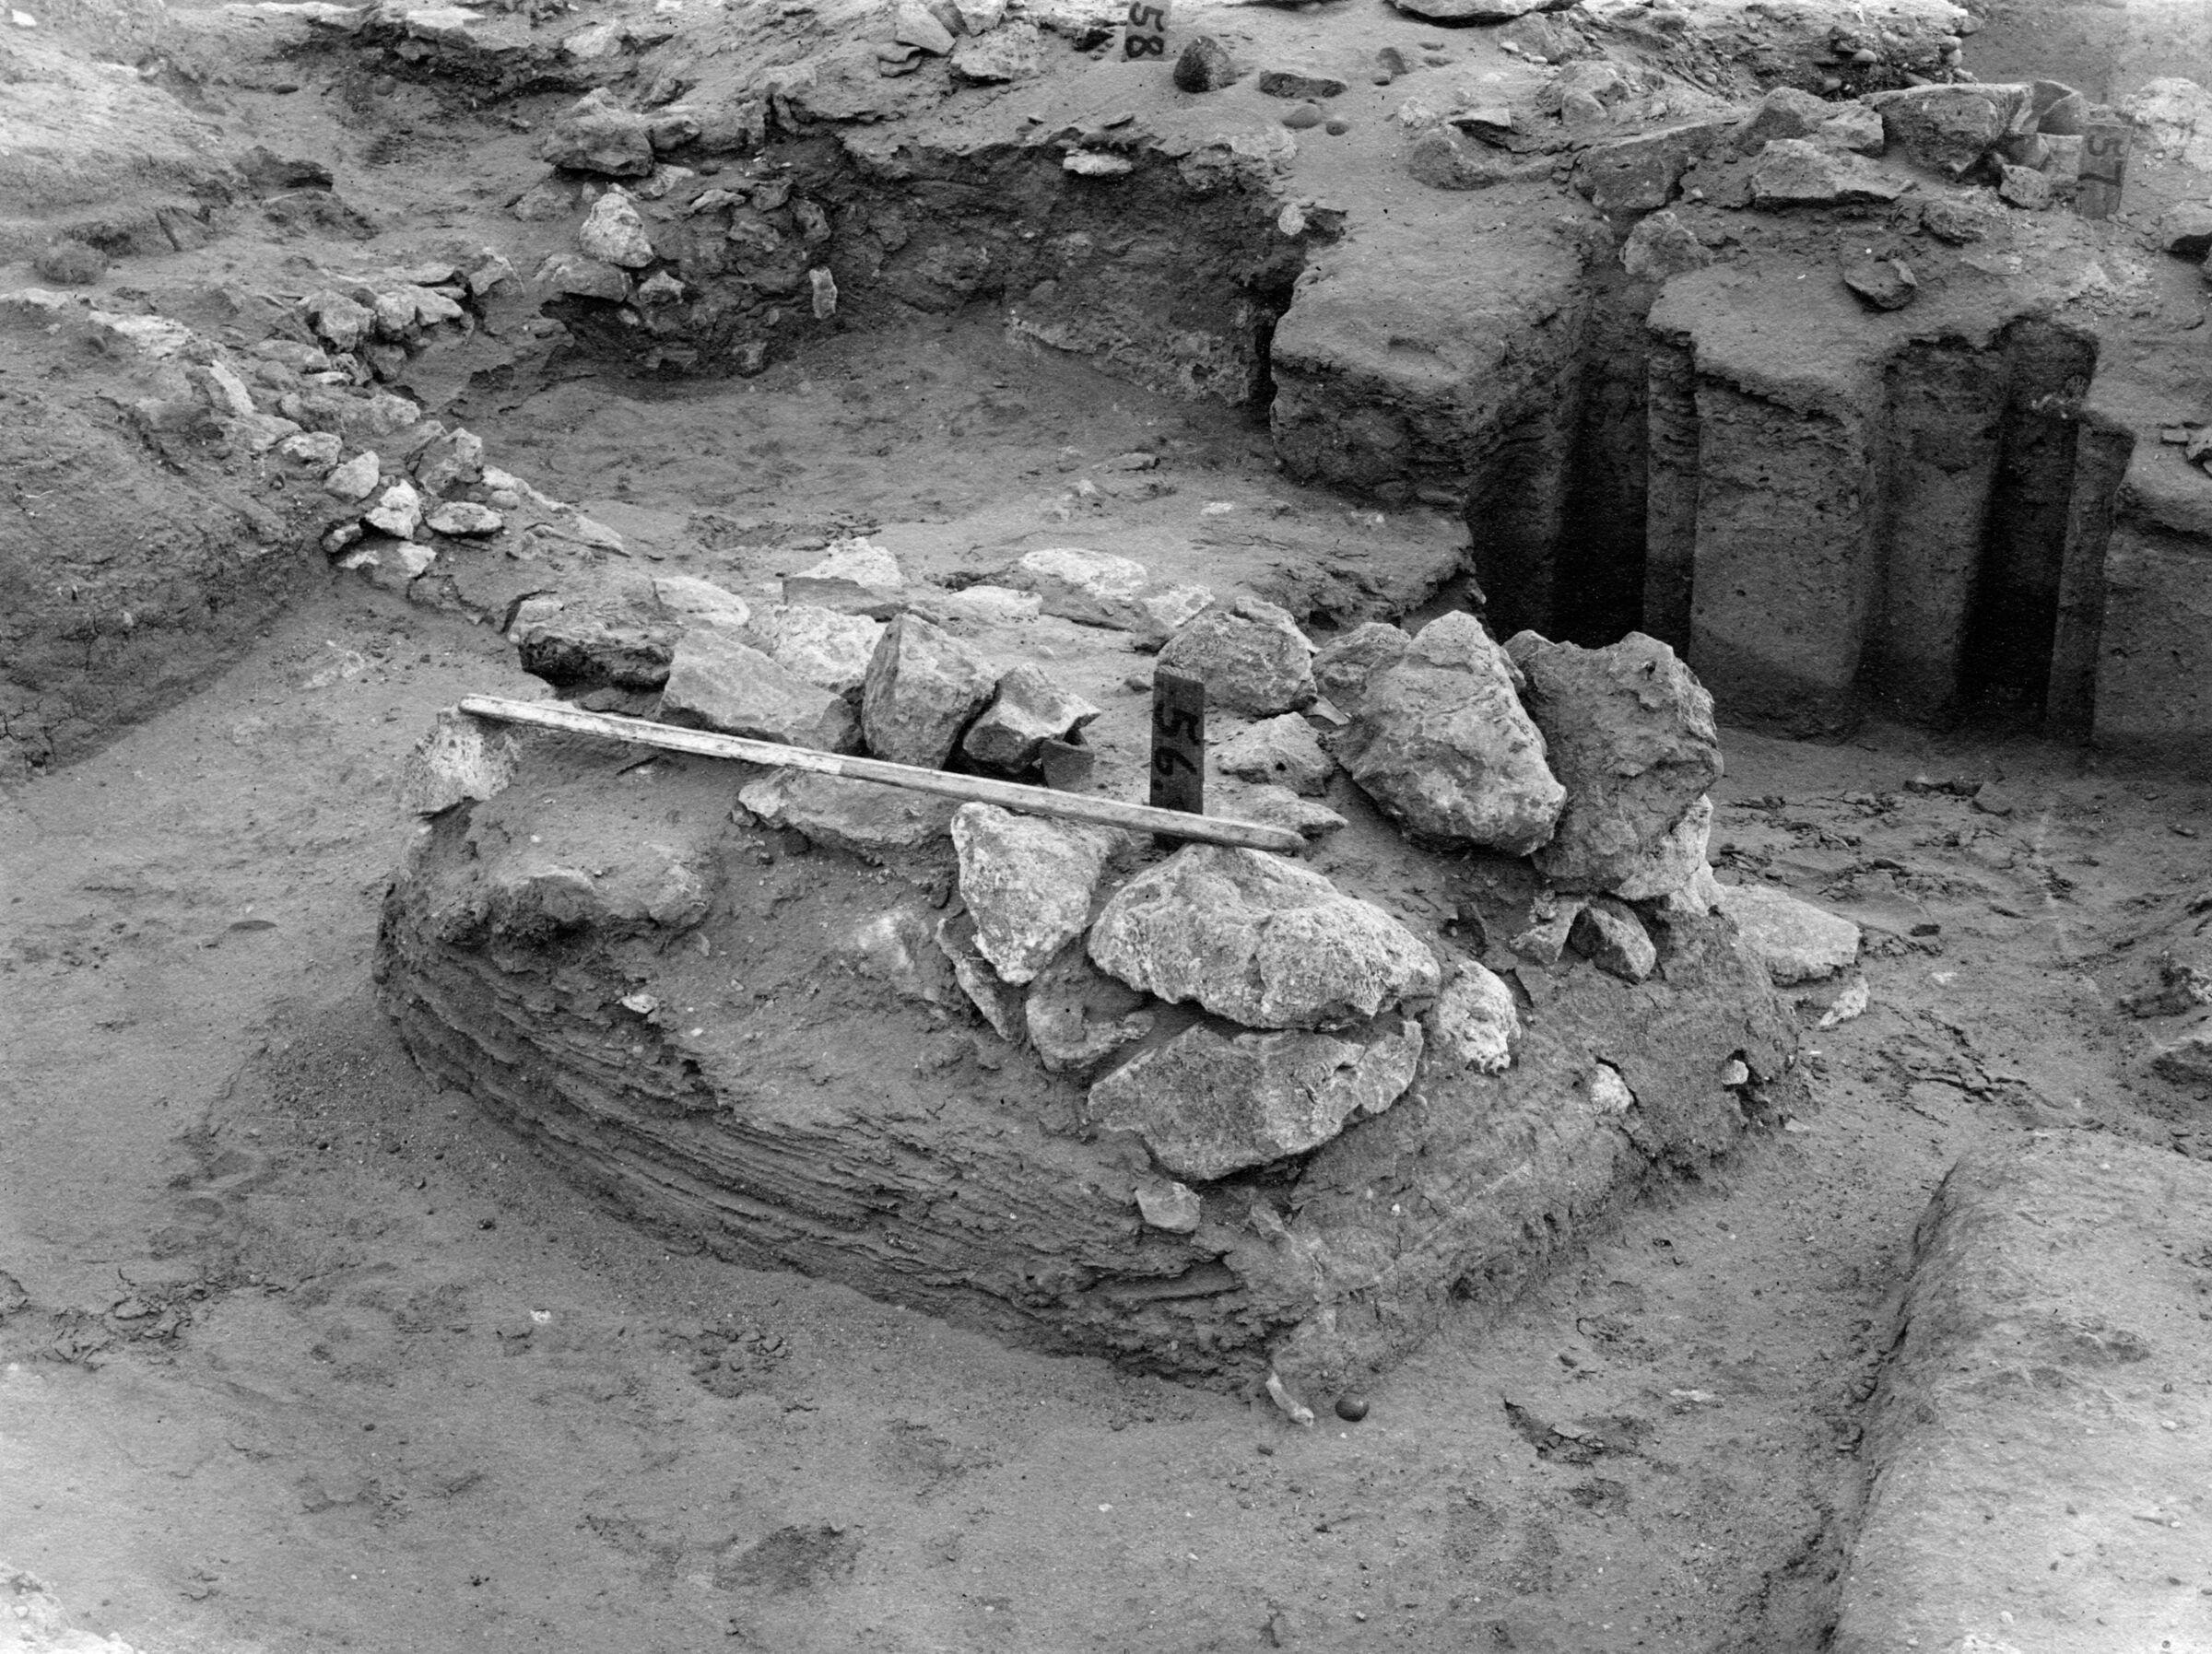 Wadi Cemetery (Reisner; north of W. Cem): Site: Giza; View: GW 54, GW 56, GW 57, GW 58